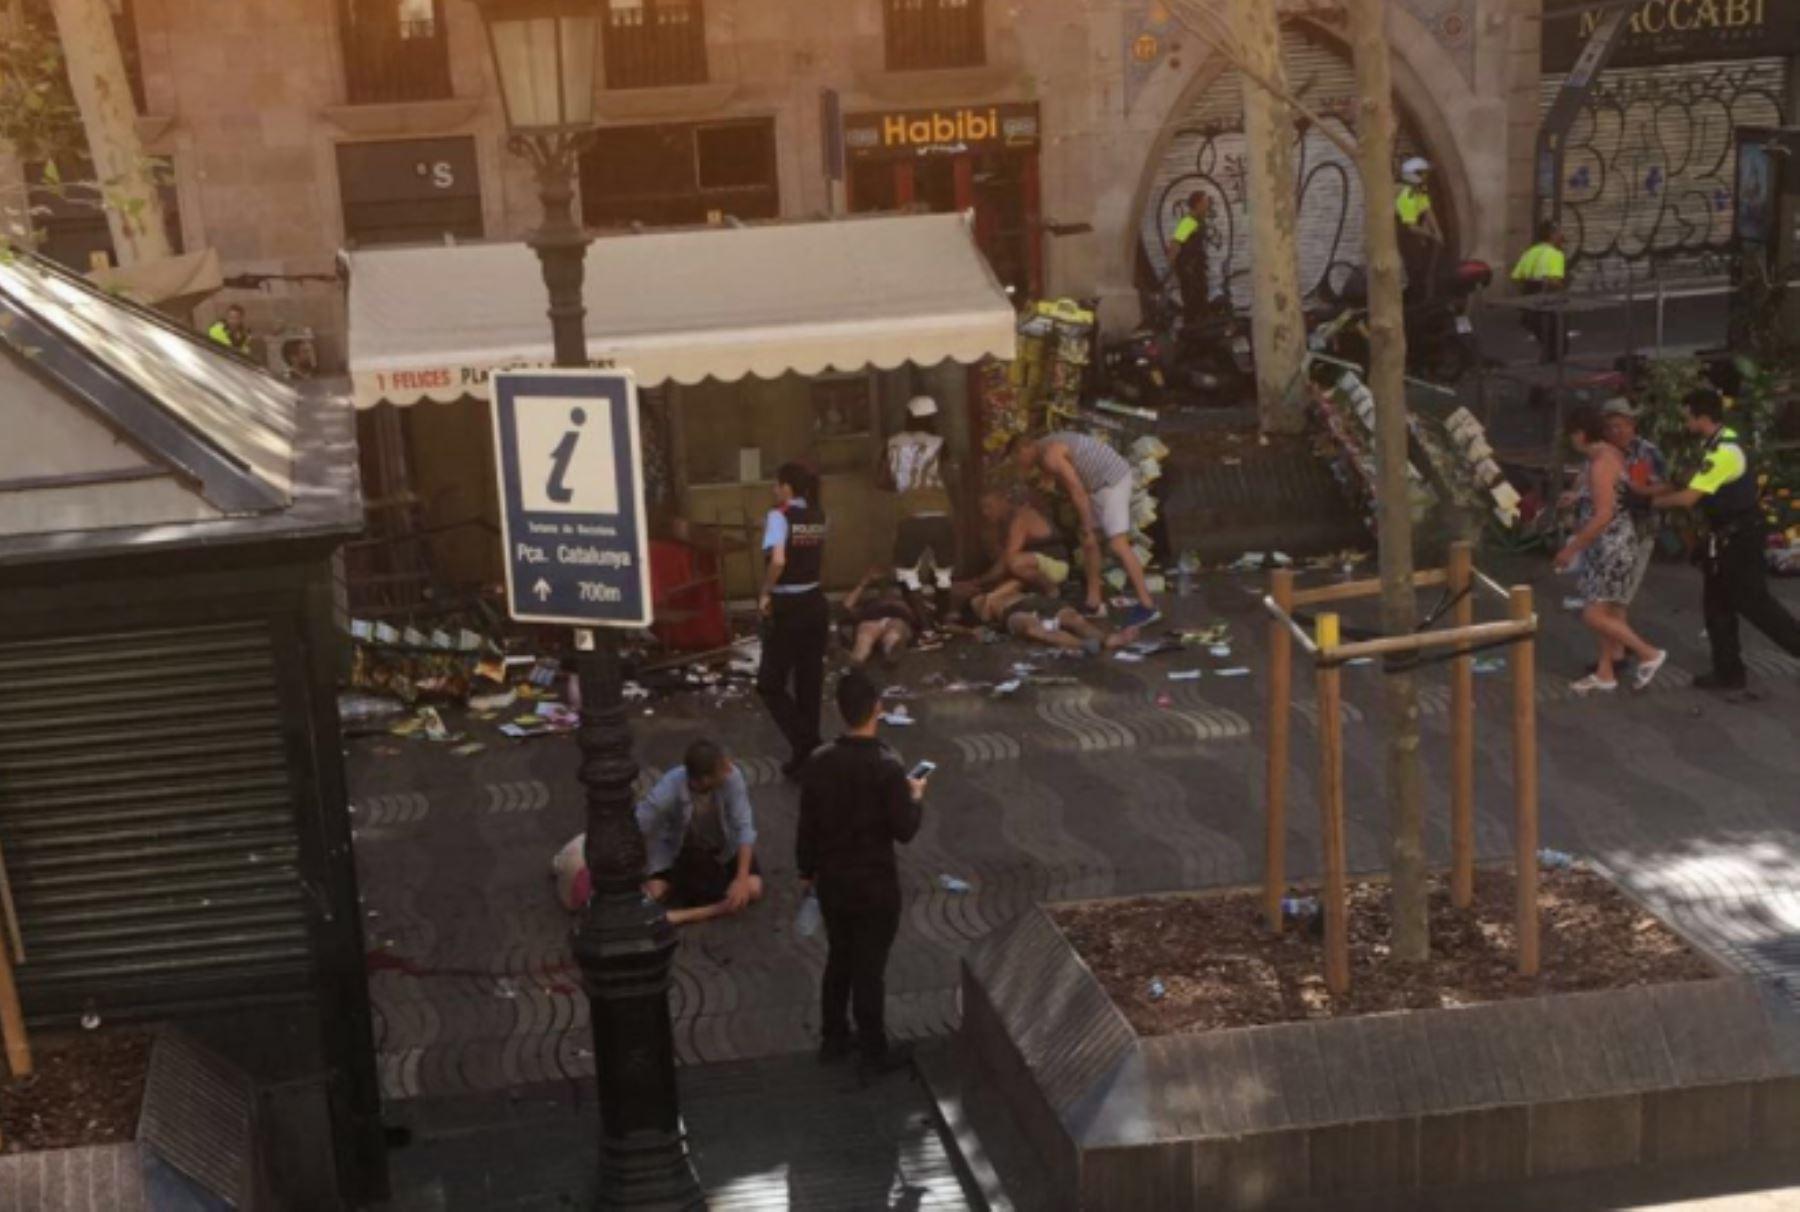 Una furgoneta atropelló una multitud, matando a 13 personas e hiriendo a más de 80 en la Rambla de Barcelona. Foto: Twitter